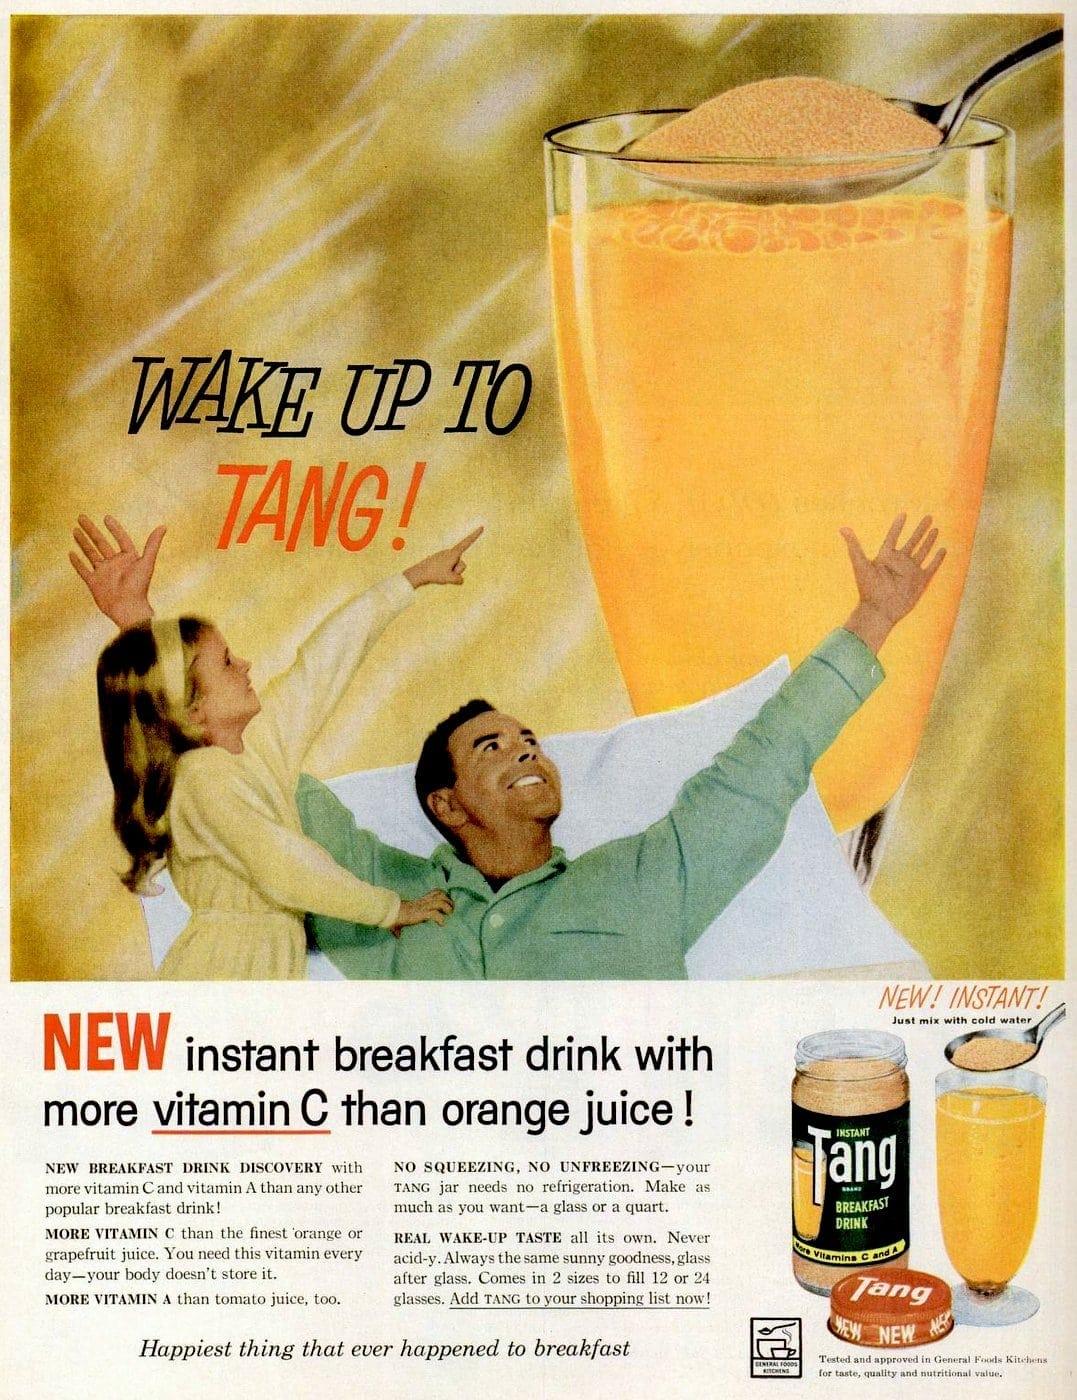 Wake up to Tang - 1959